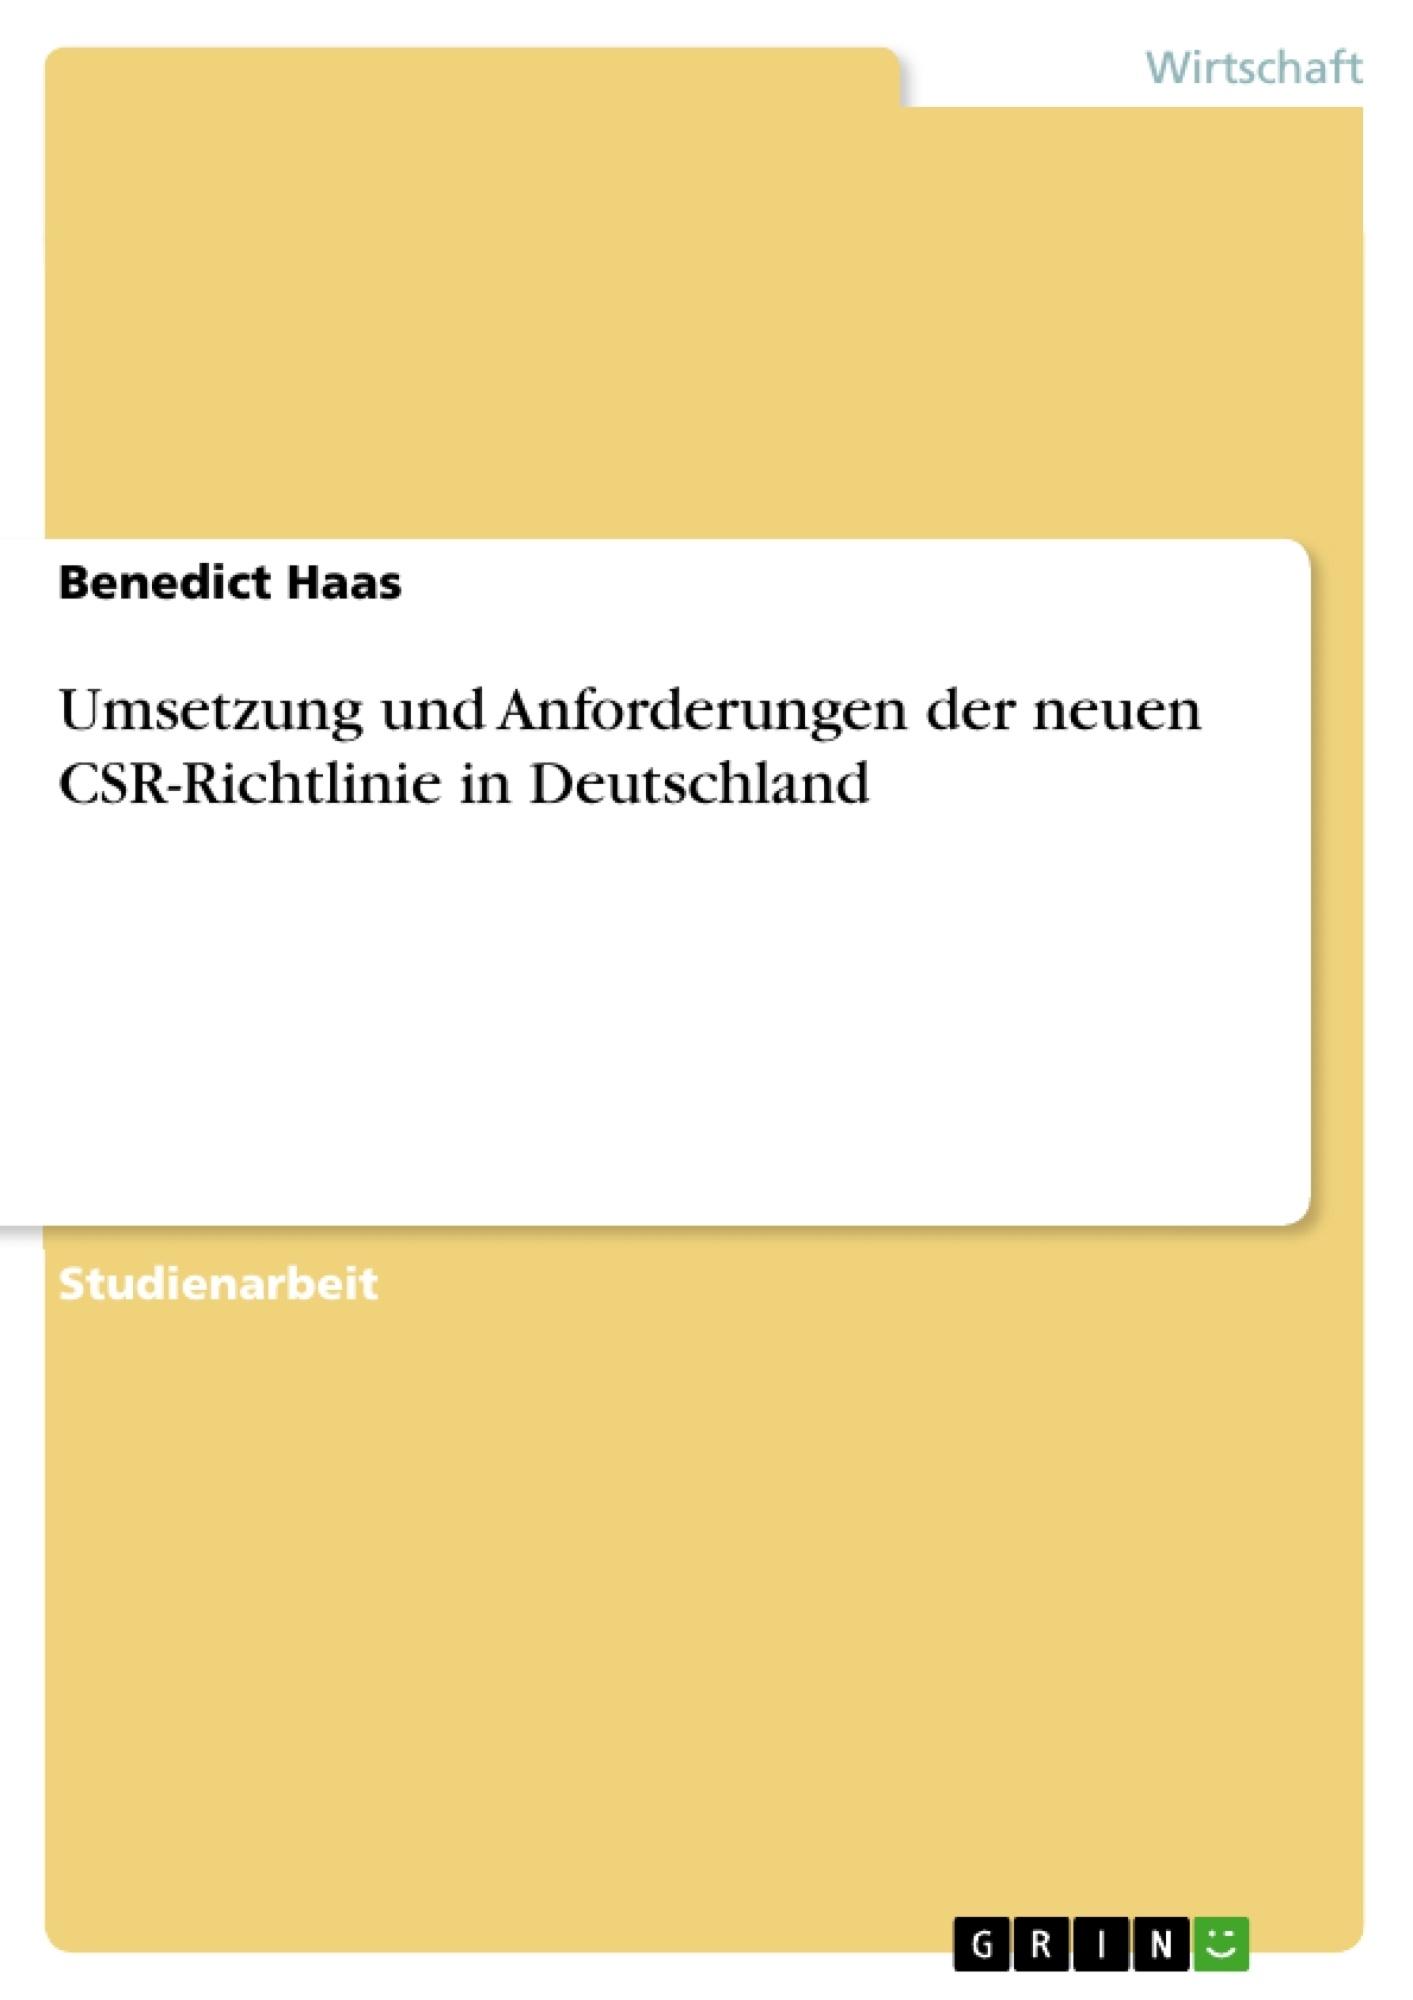 Titel: Umsetzung und Anforderungen der neuen CSR-Richtlinie in Deutschland